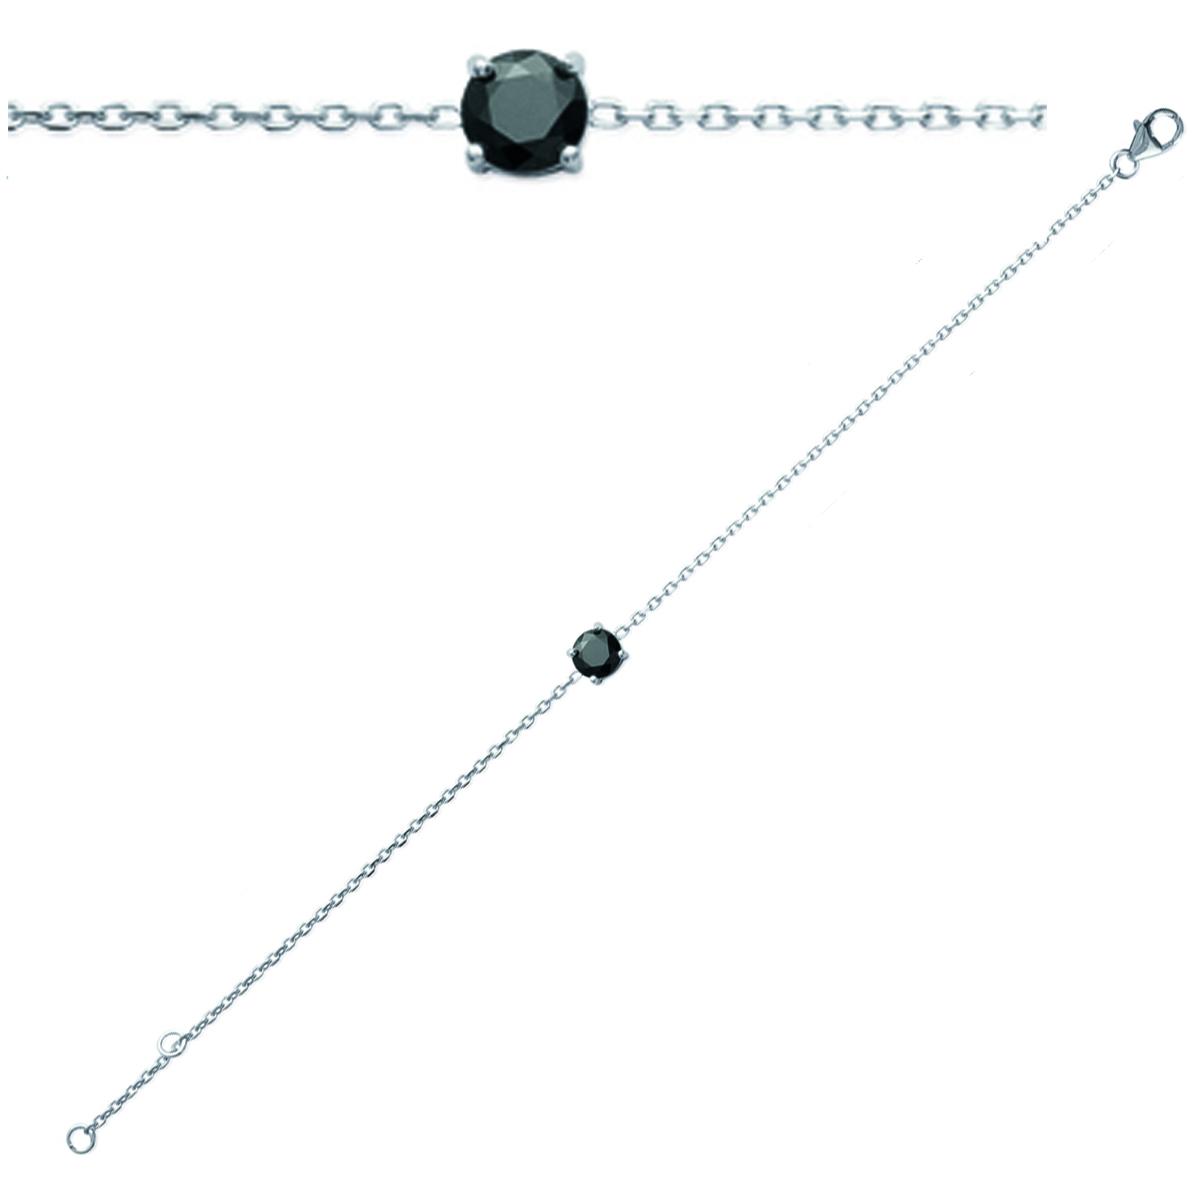 Bracelet Argent \'Essentiel\' noir argenté (rhodié) - 6 mm - [J0834]